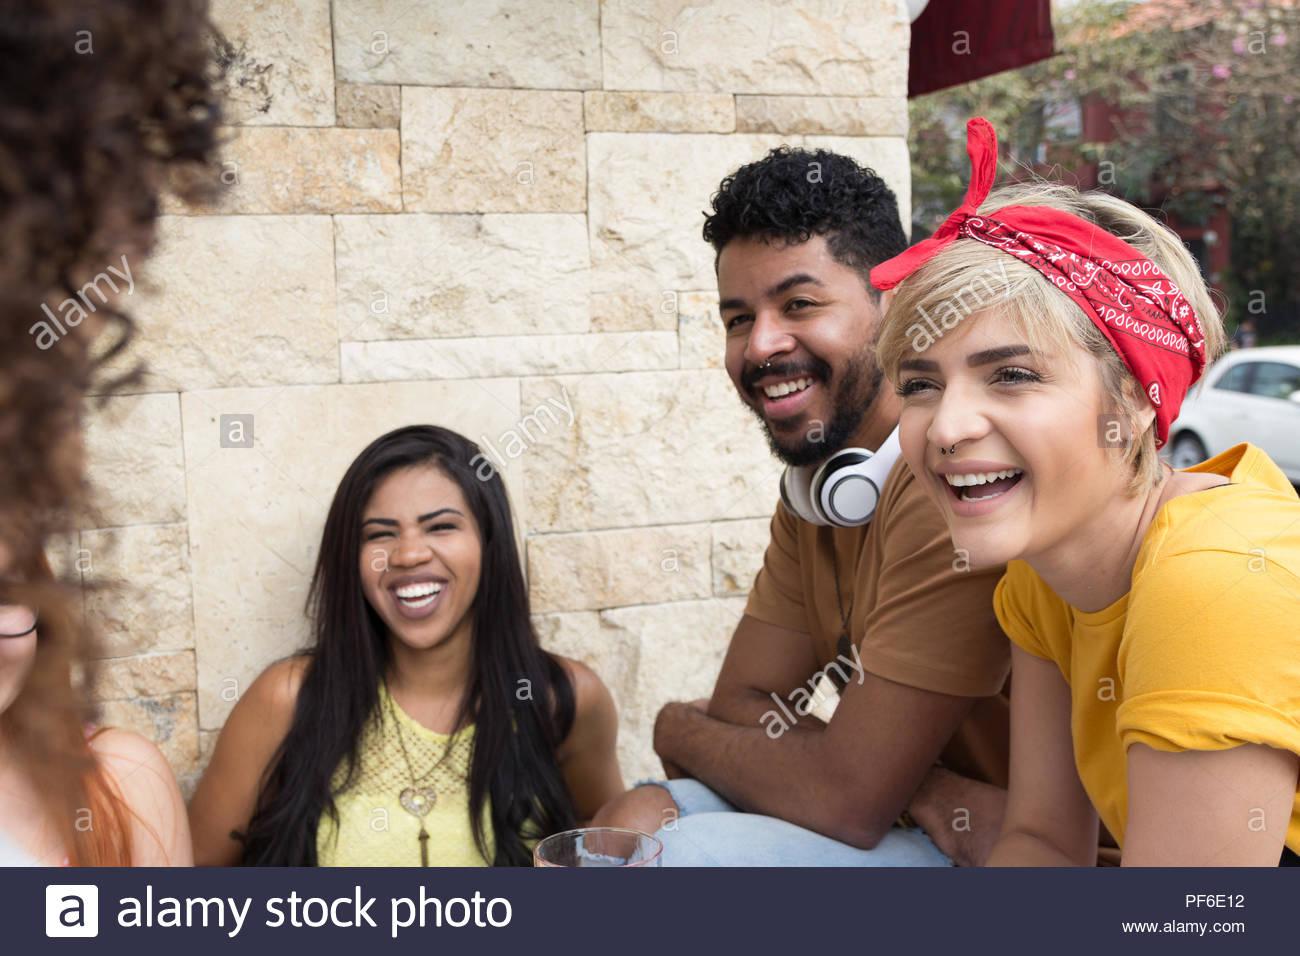 Multiethnische Gruppe von Studenten eine großartige Zeit im Cafe Bar im Freien. Gerne Freunden gesellige Abende in einer Party im Restaurant außerhalb. Sommer, warm, frien Stockbild